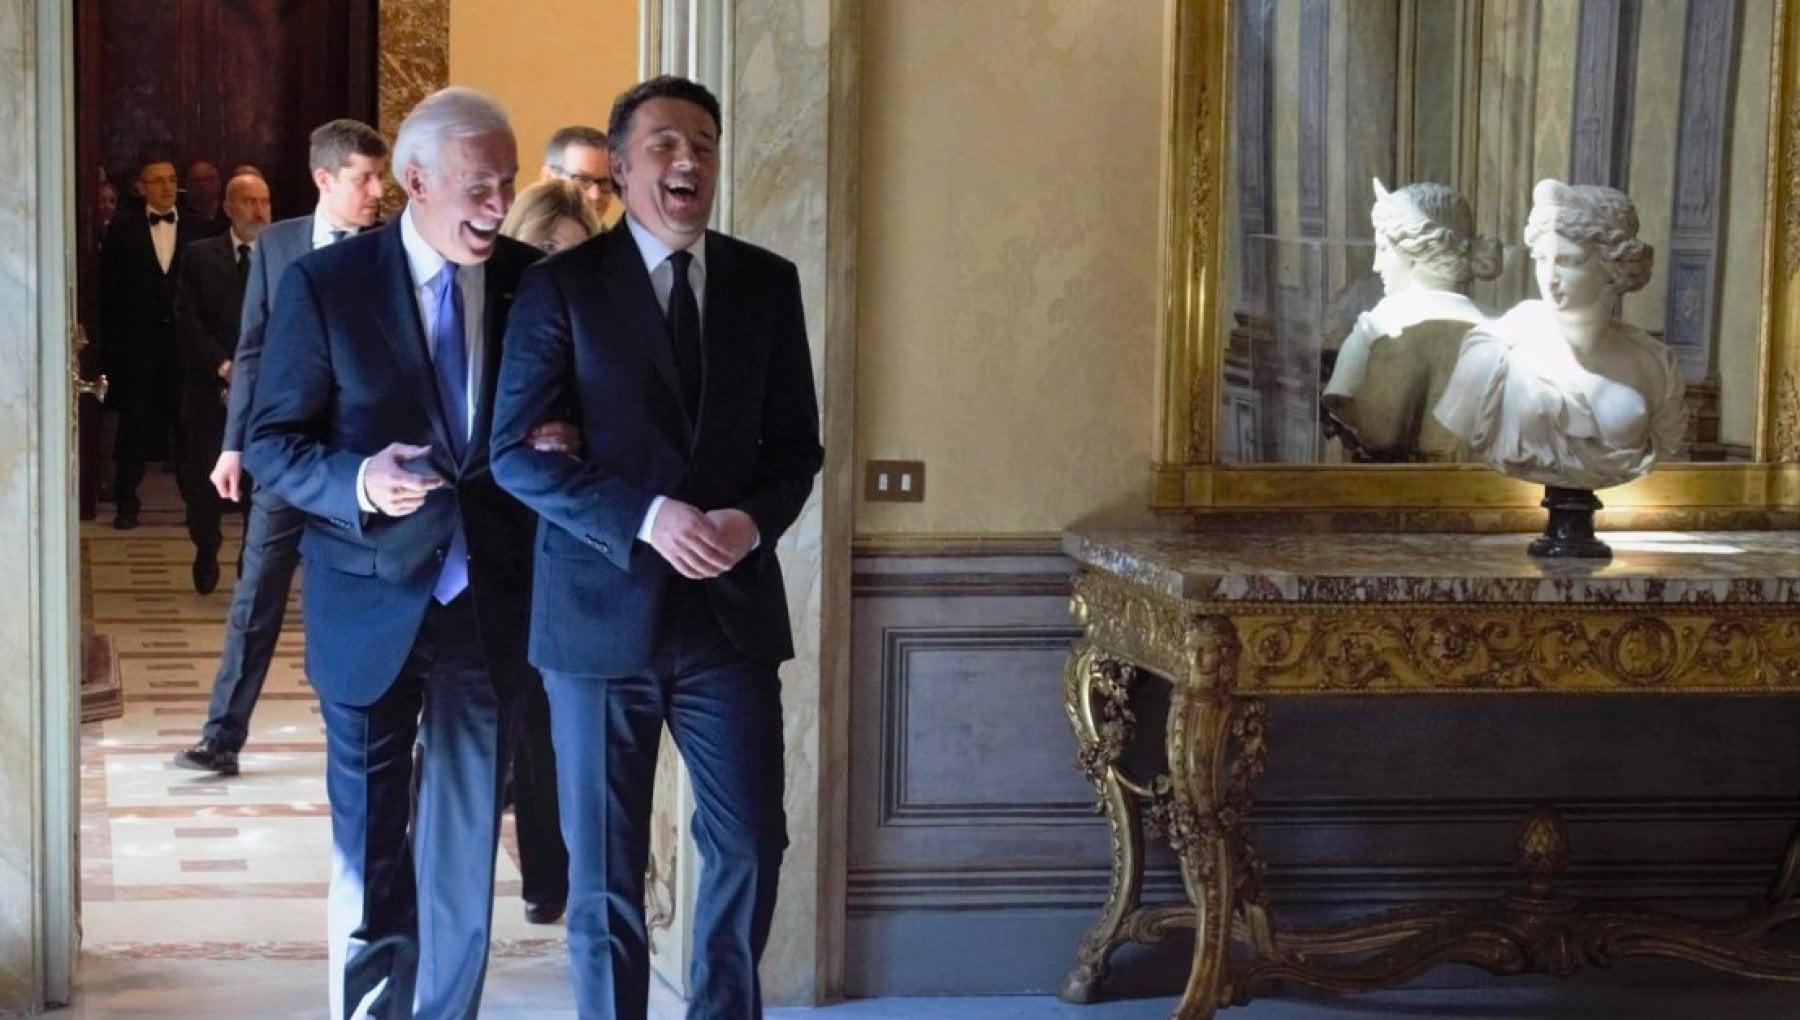 Ecco perche Renzi alza il tiro tra ministre Iv pronte a lasciare e occhi puntati sugli Usa di Biden